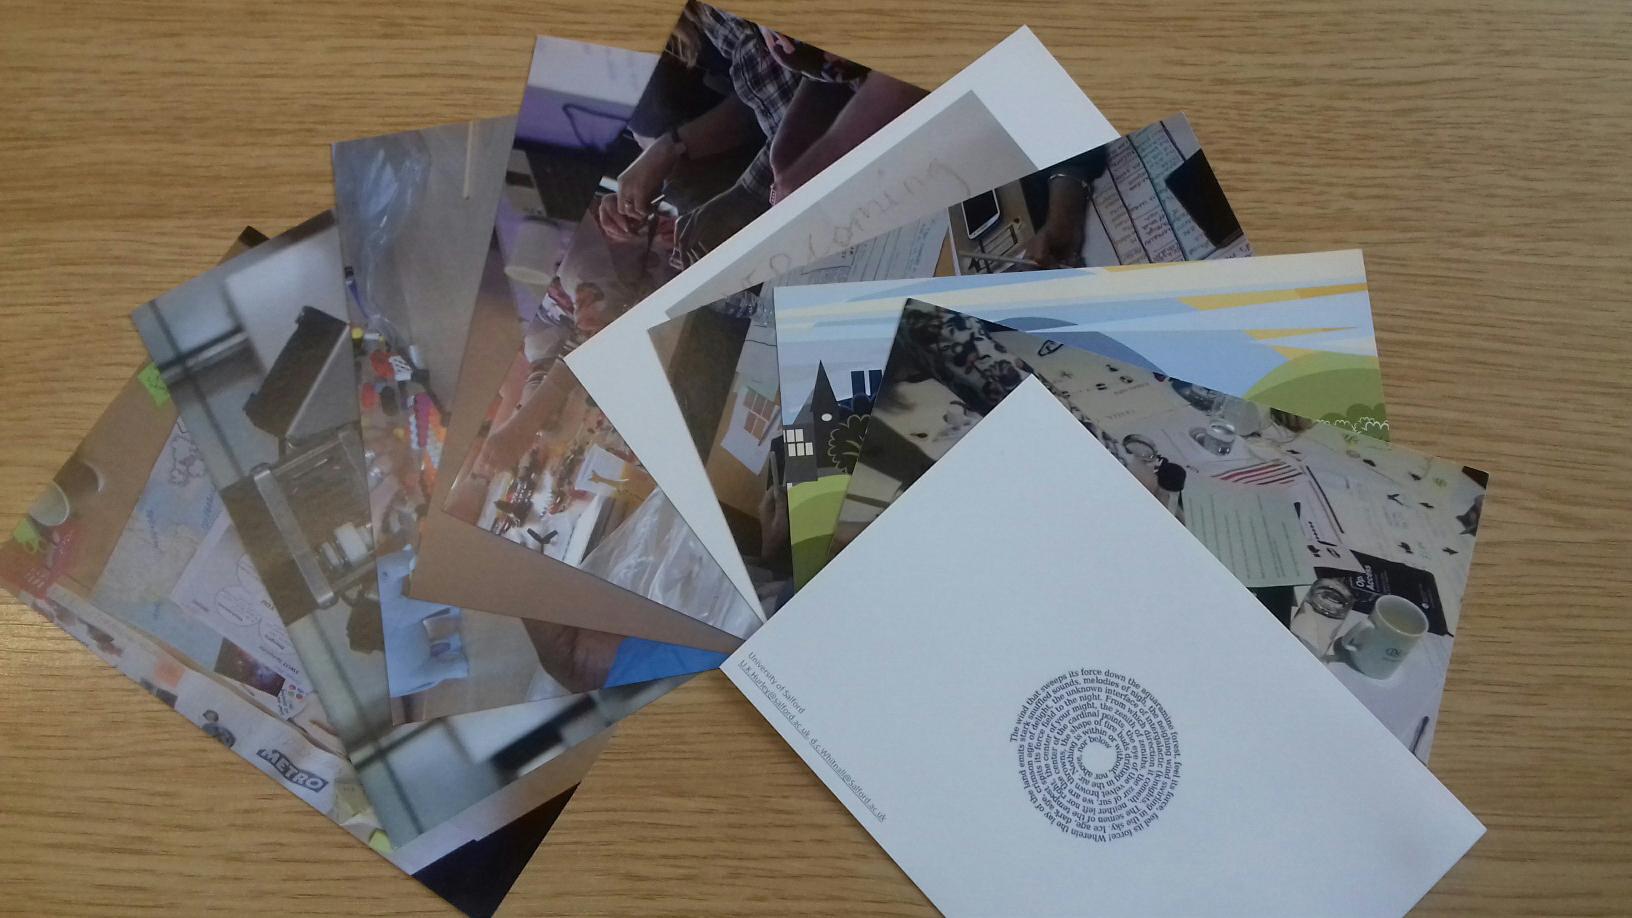 Postcards for participants